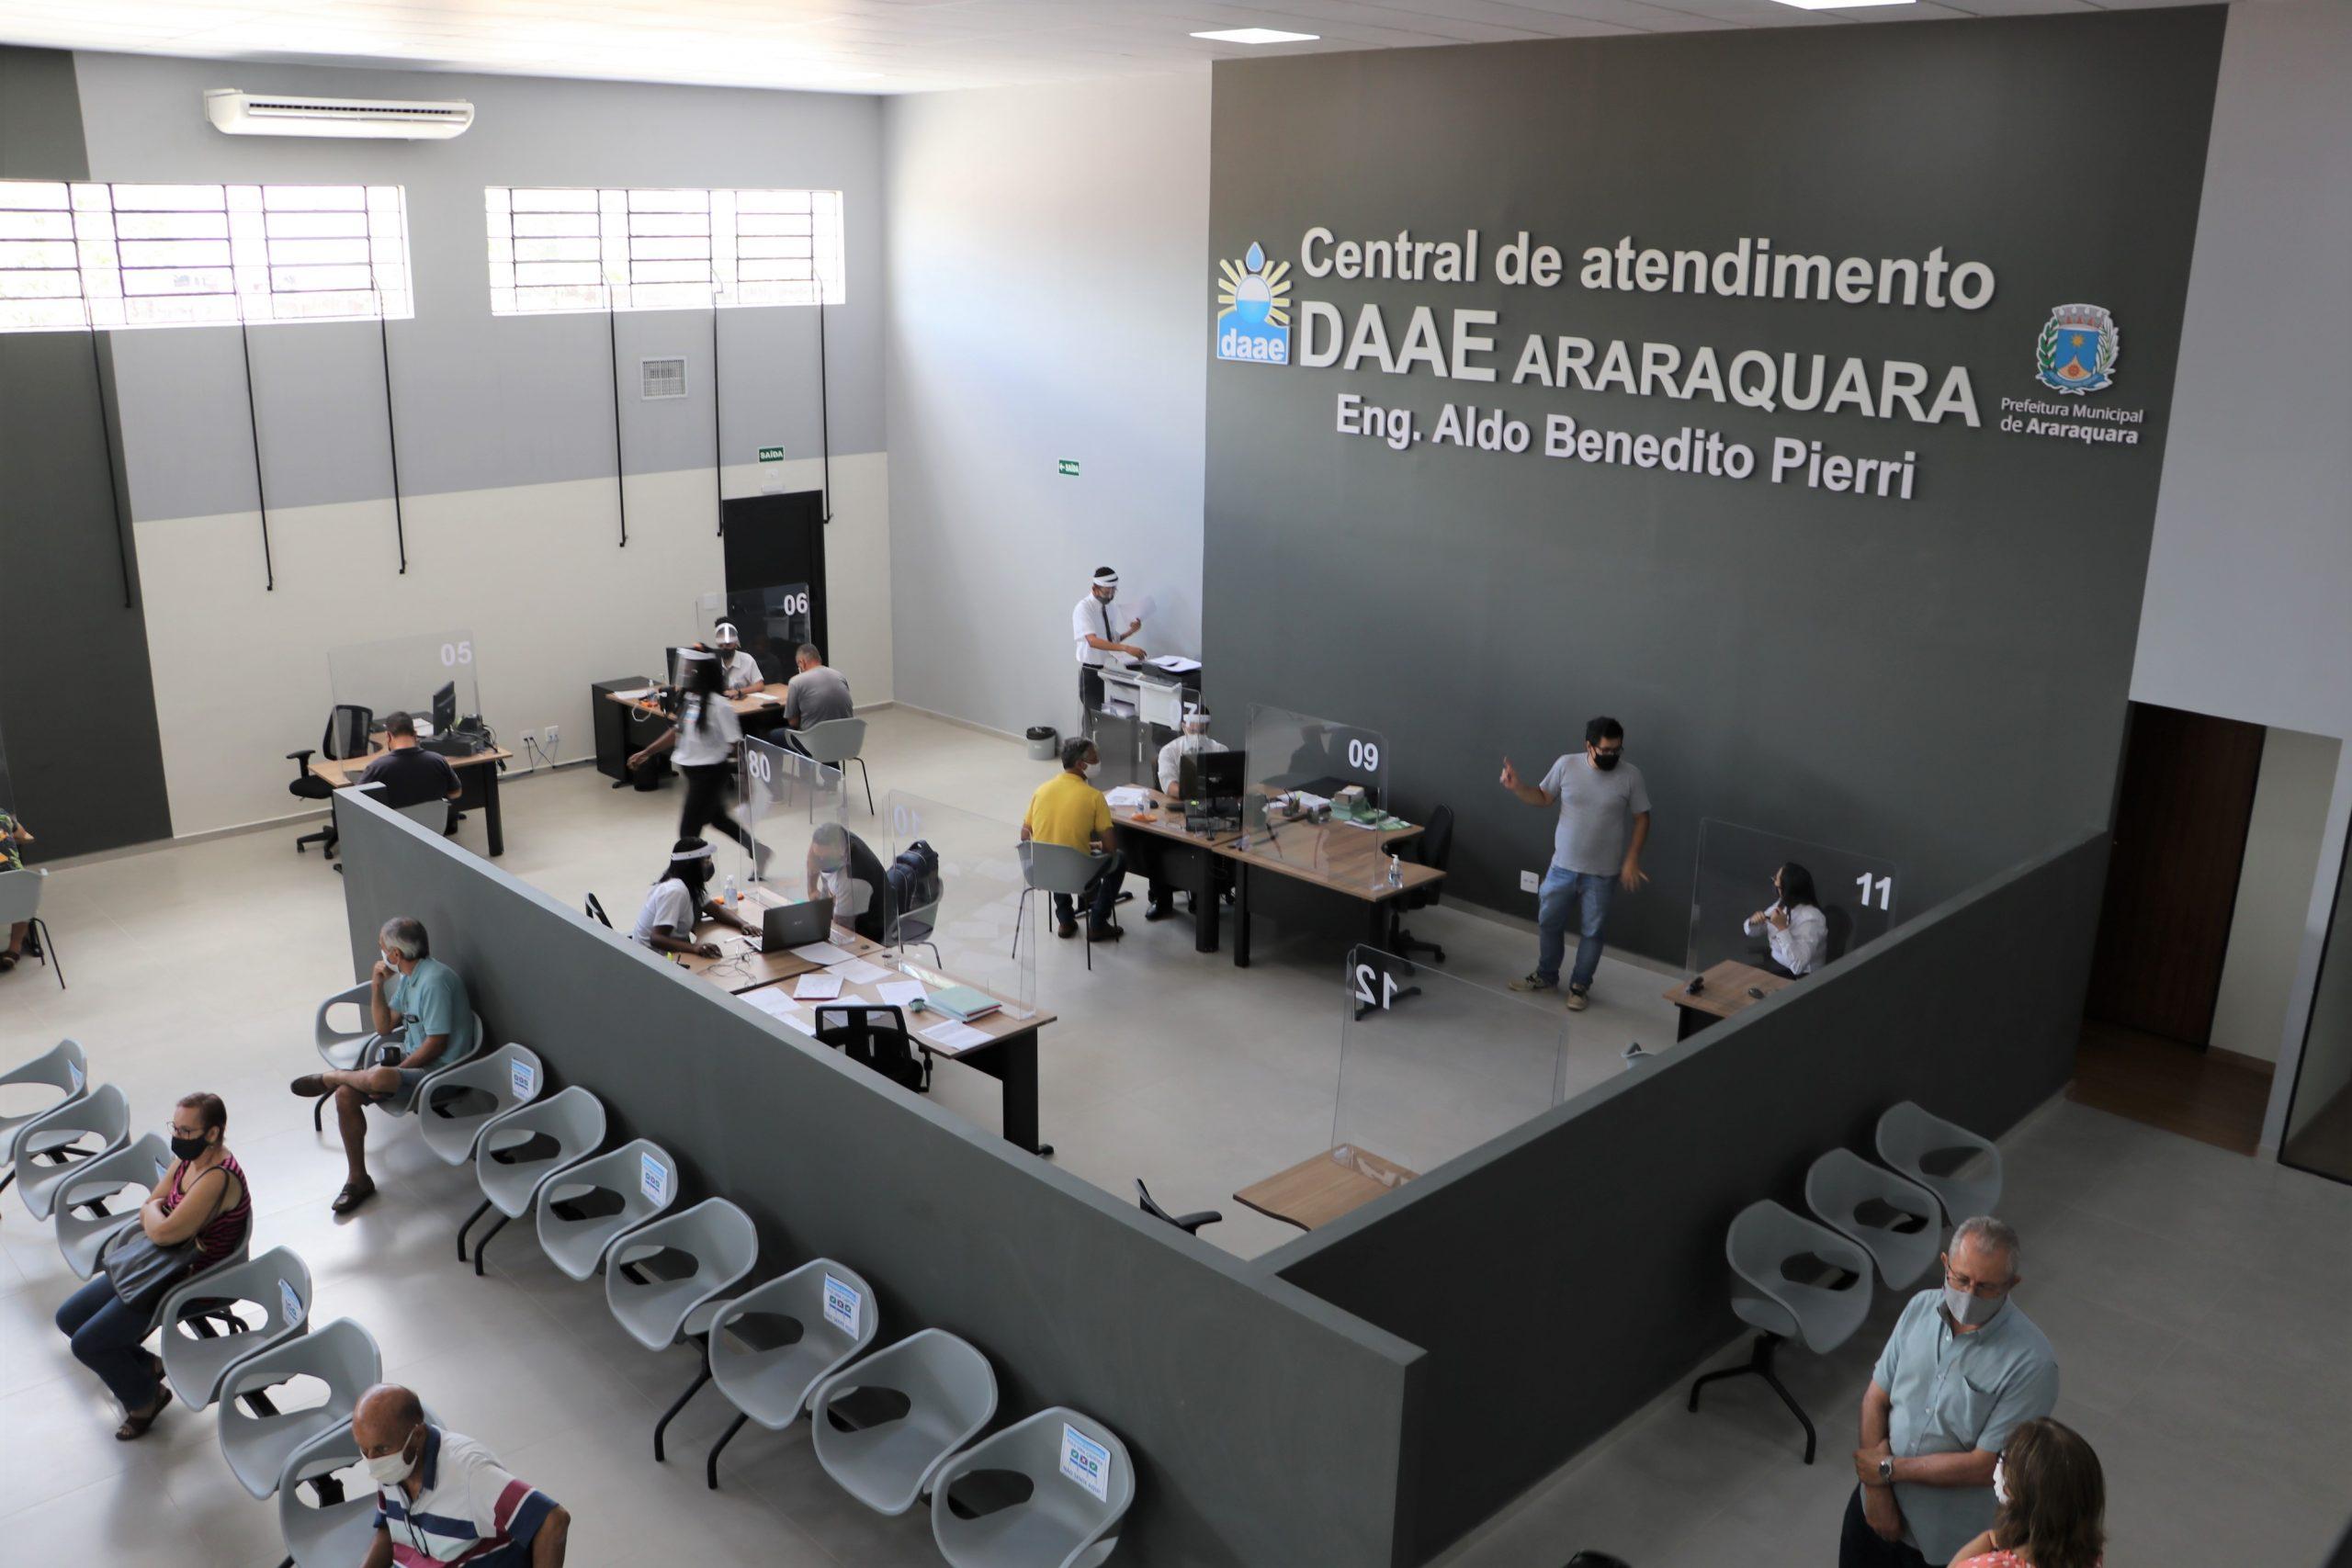 Daae amplia horário da Central de Atendimento